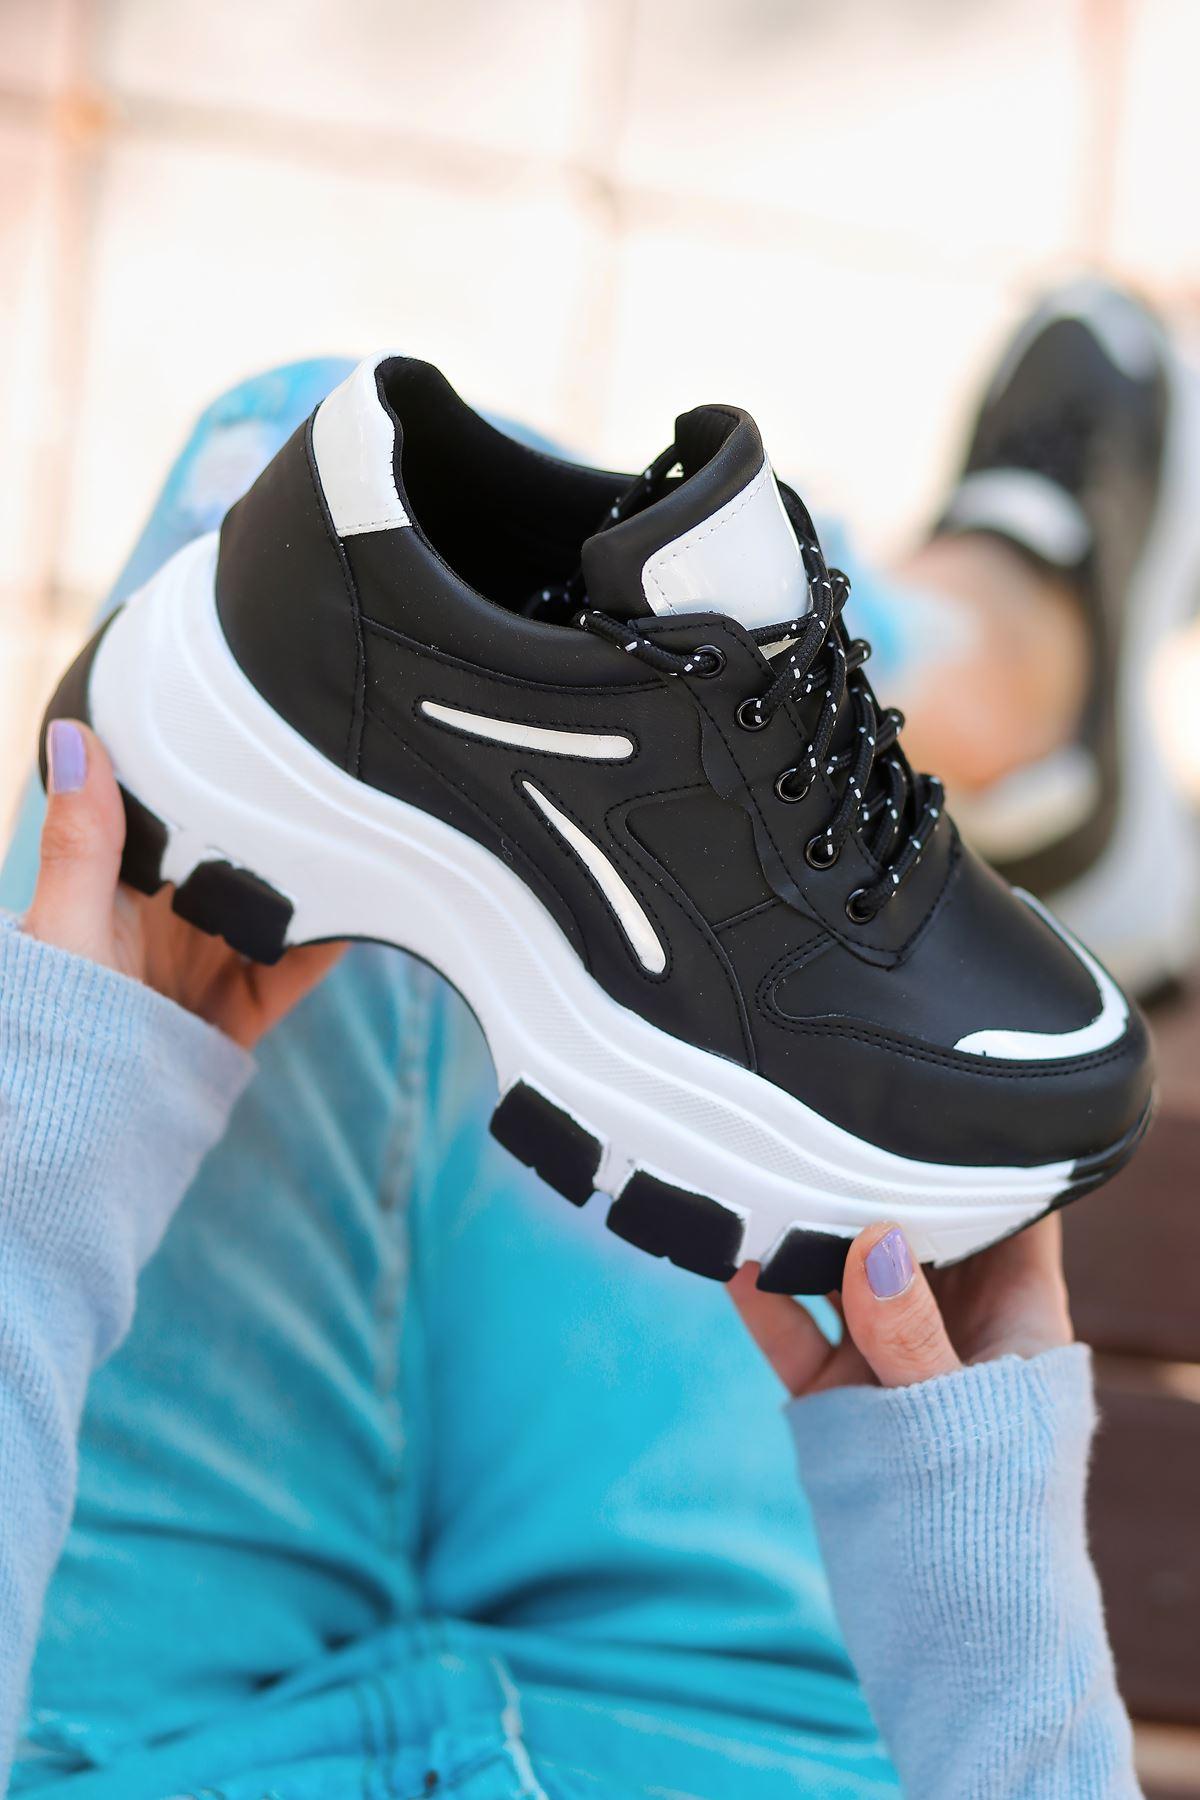 Lavinia-5388 Beyaz Detaylı Bağcıklı Siyah Kadın Spor Ayakkabı